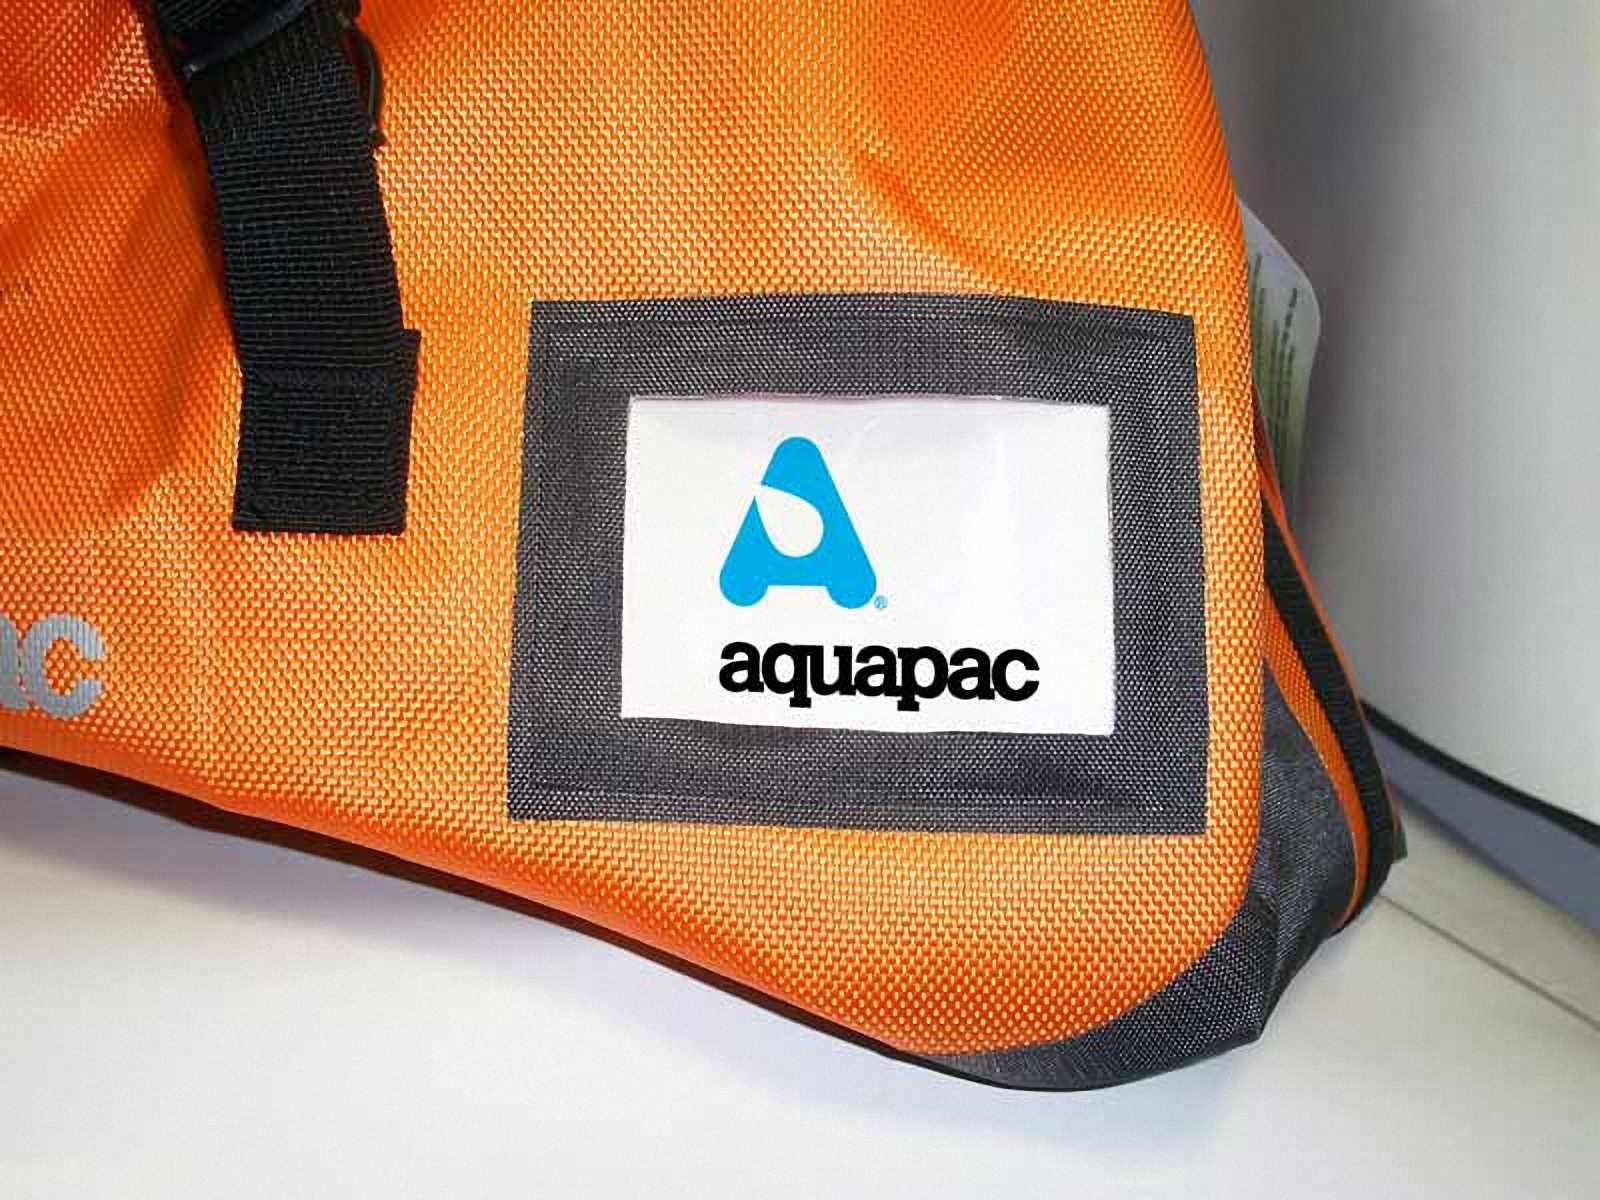 Водонепроницаемая сумка-рюкзак Aquapac 701 - Upano Waterproof Duffel - 40L.. Aquapac - №1 в мире водонепроницаемых чехлов и сумок. Фото 4